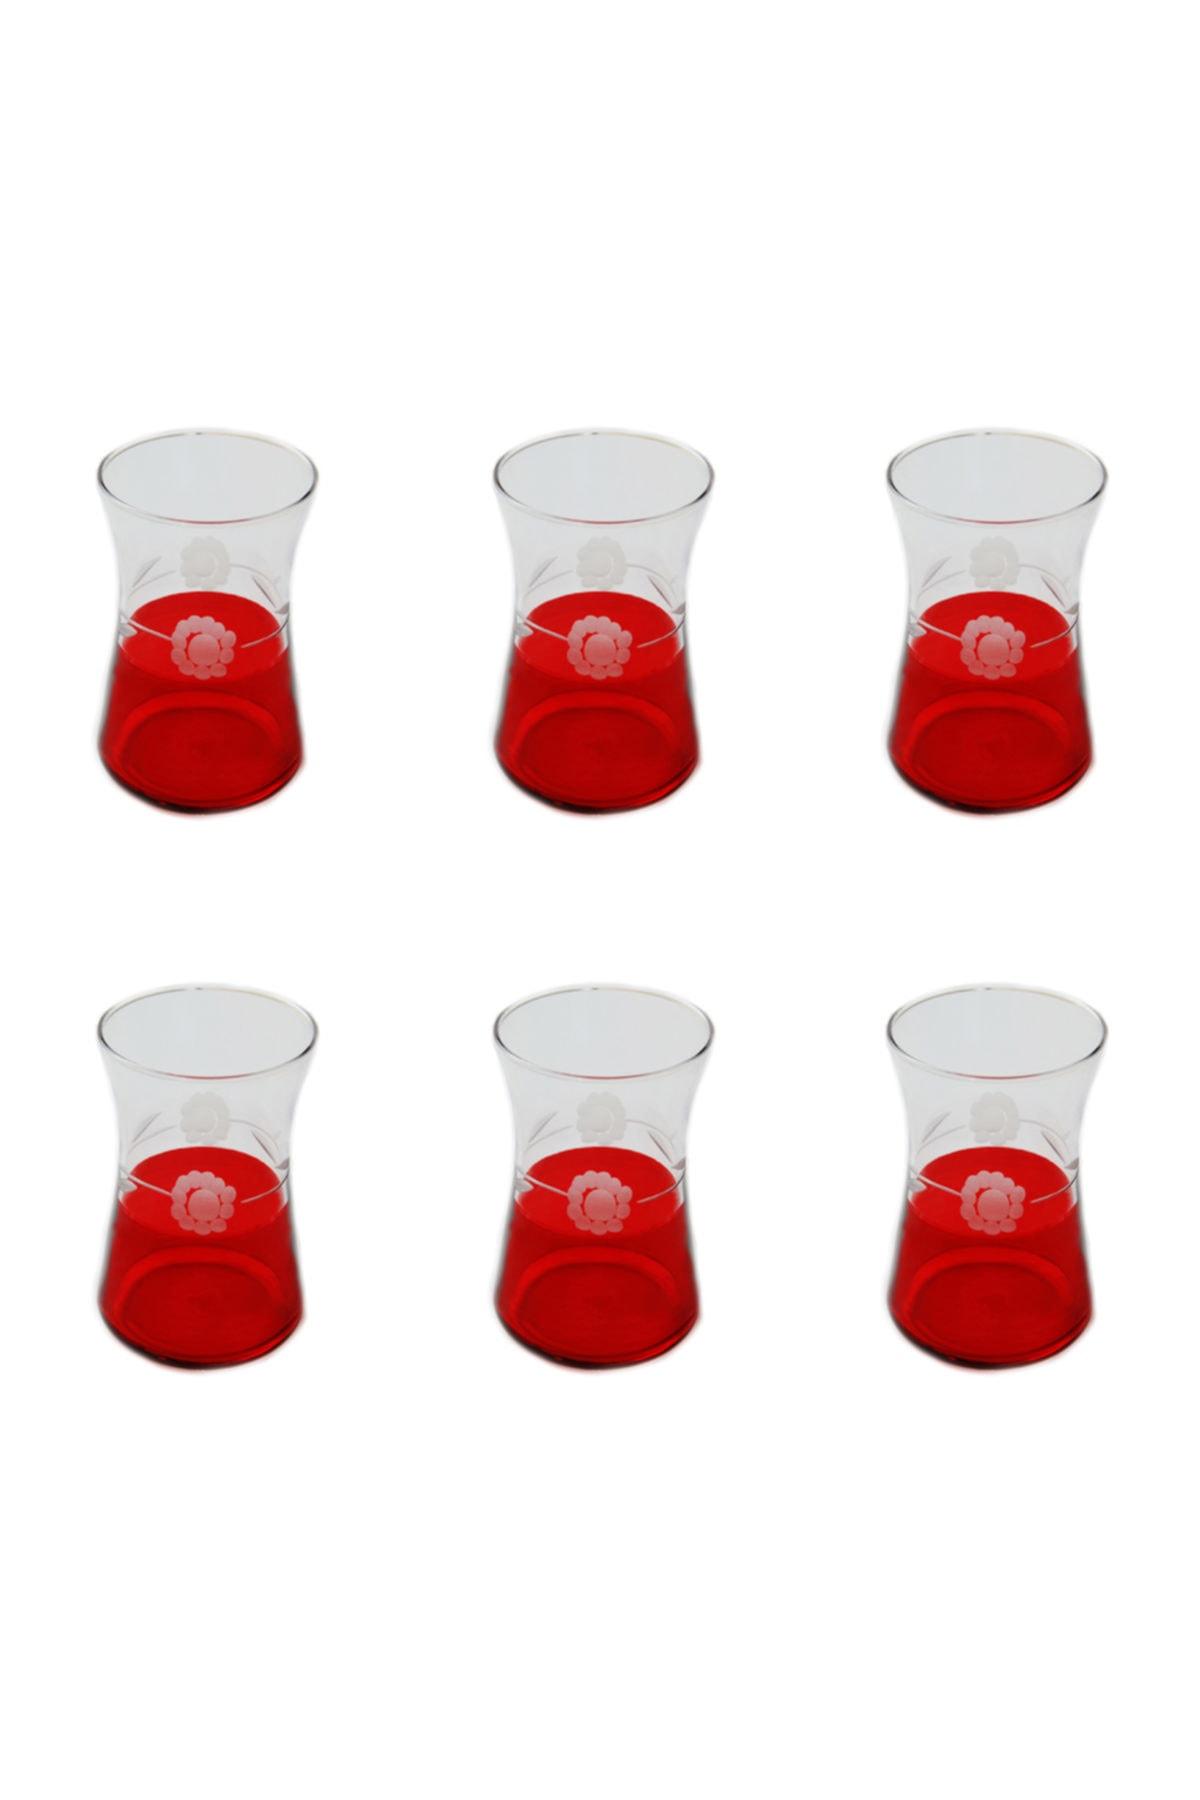 BAŞAK 42361 Heybeli Kırmızı Papatya Dekor 6 Adet Çay Bardağı 2